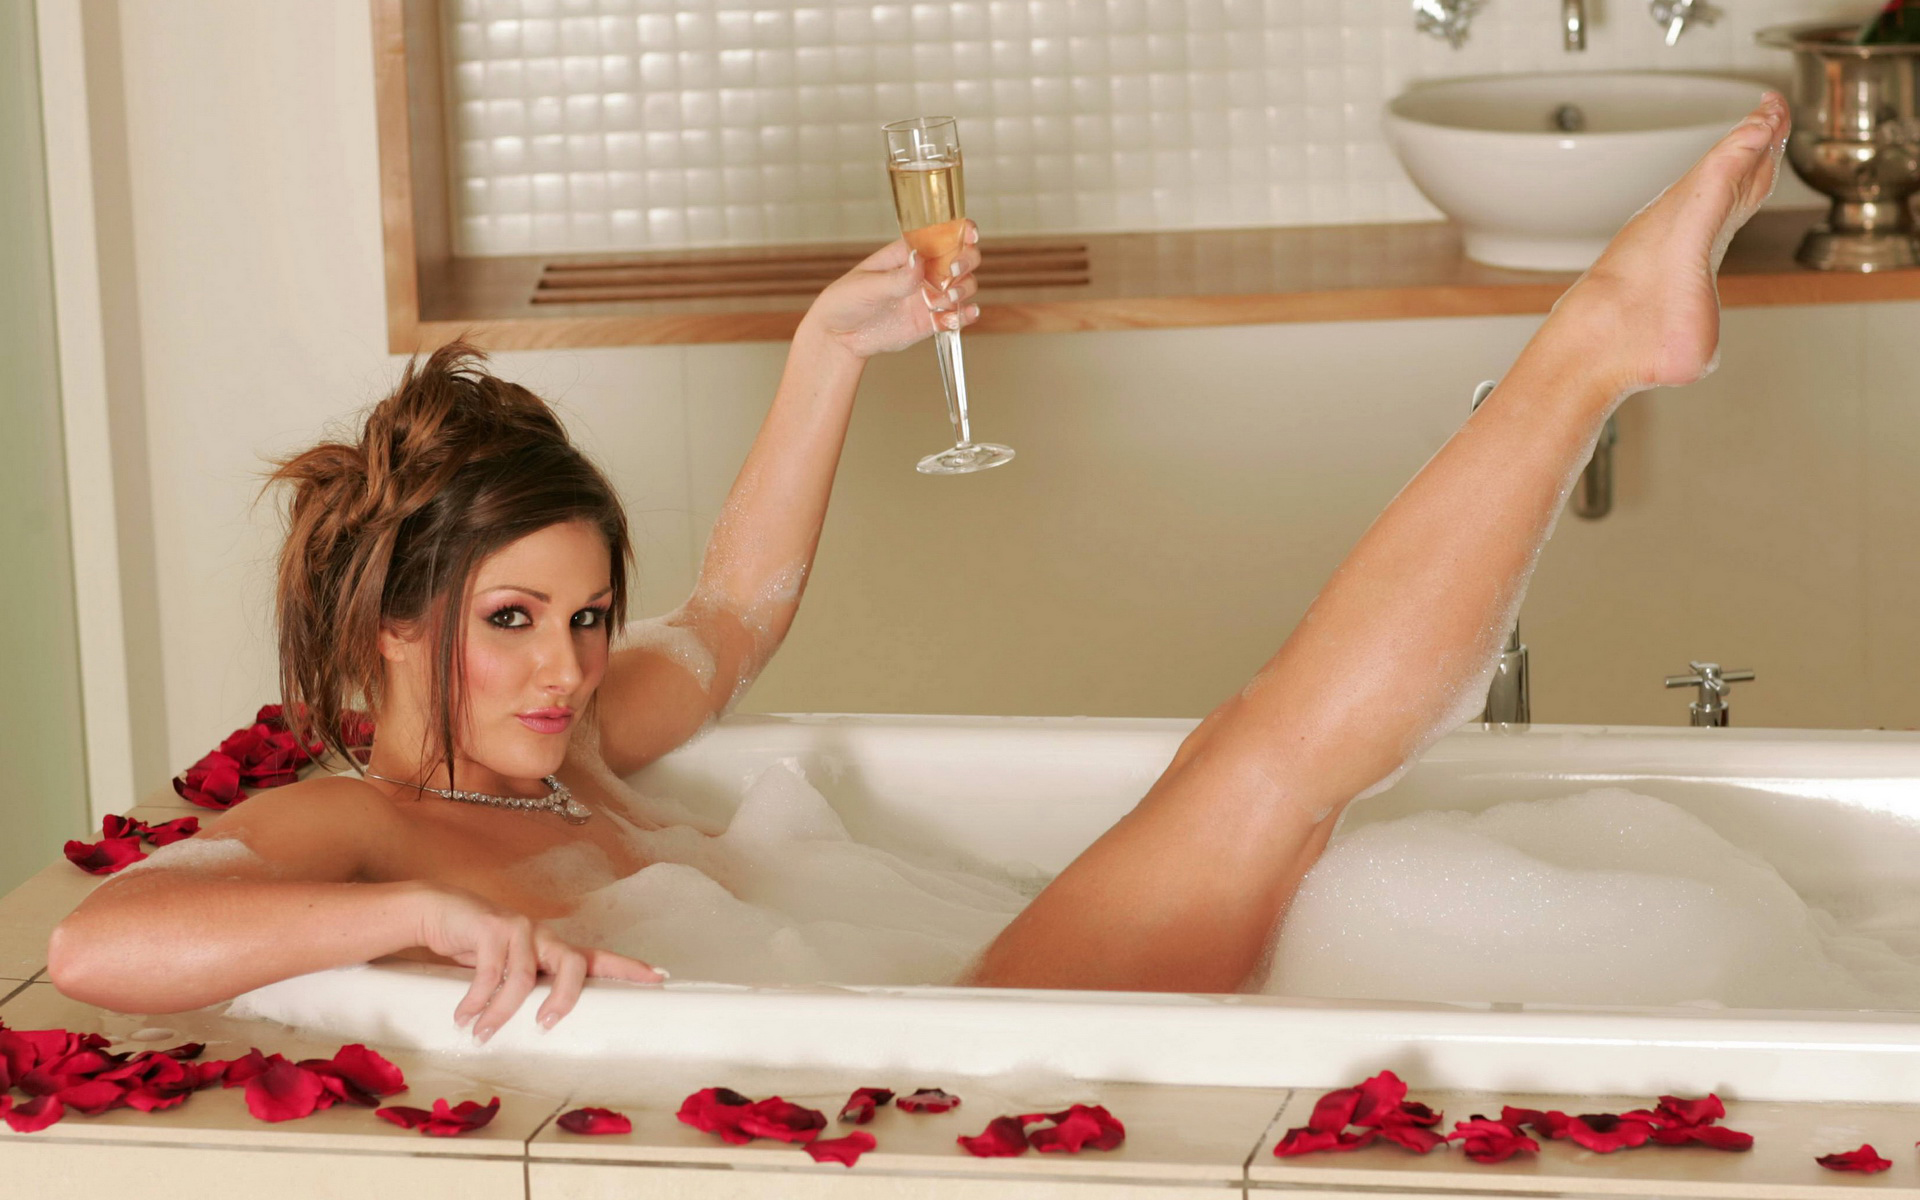 Грудастая девушка принимает ванну после вечеринки  258526